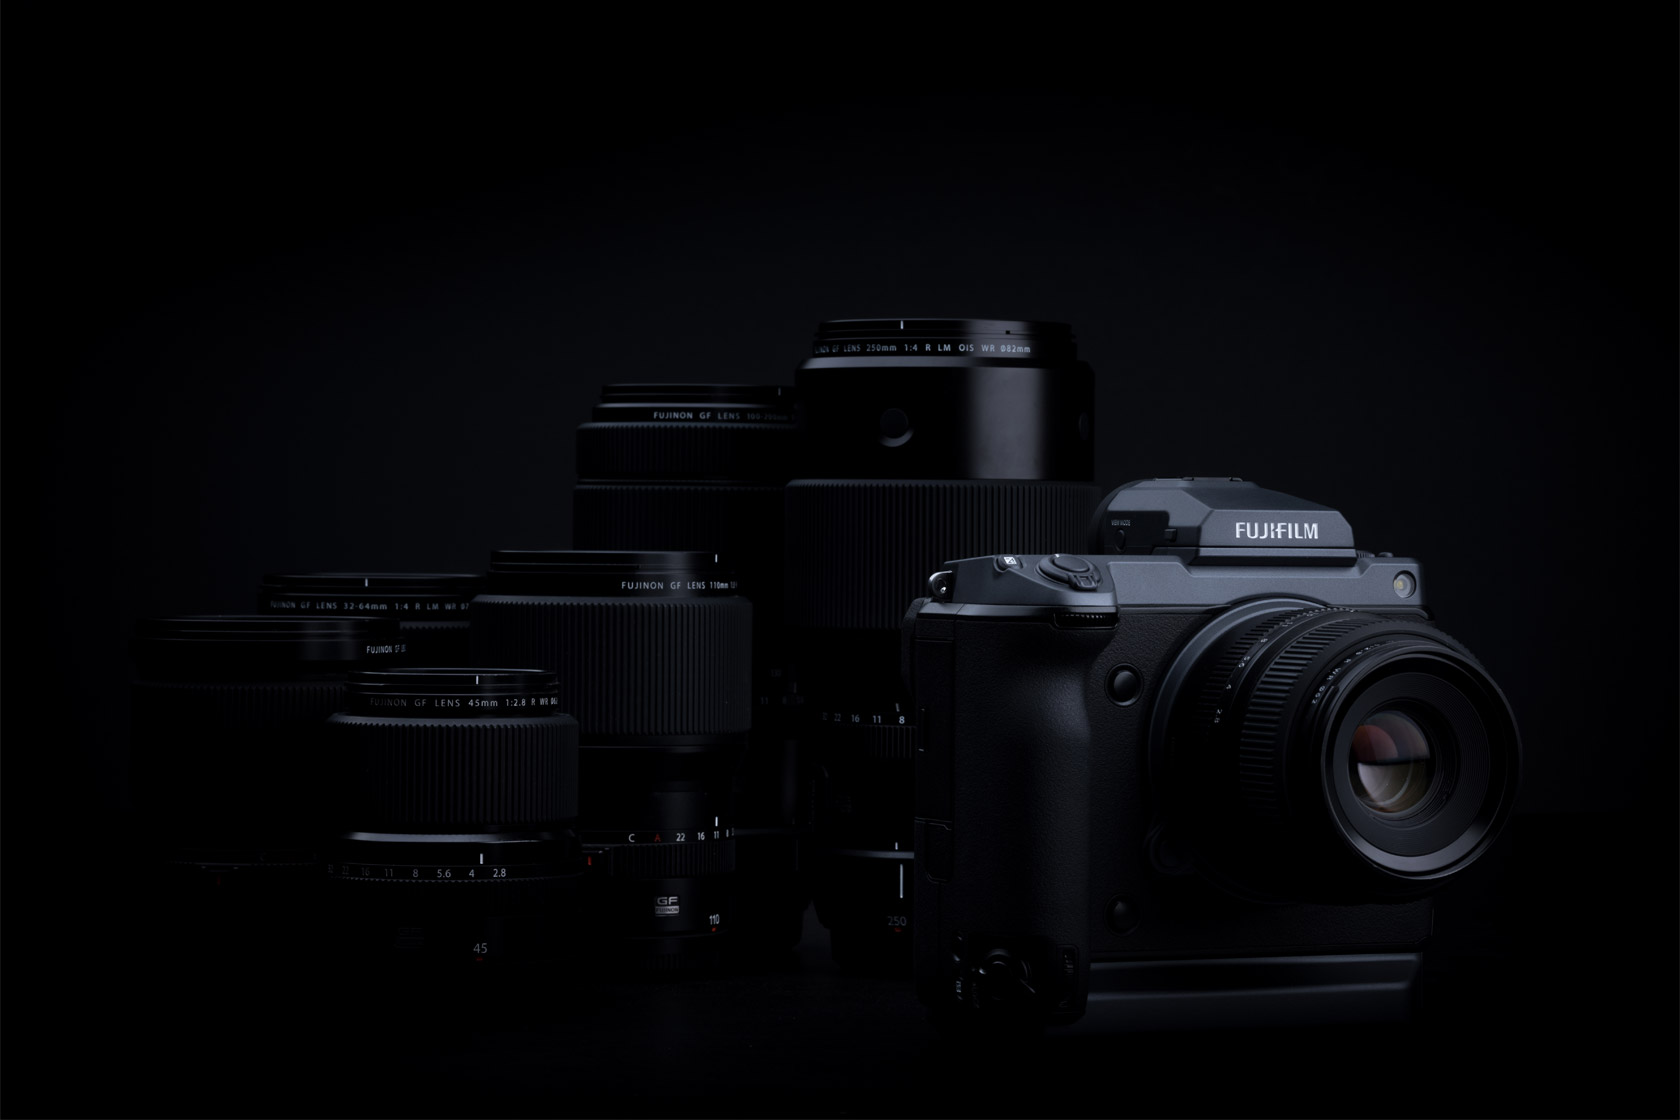 [photo] Fujifilm GFX camera in front of compatible lenses